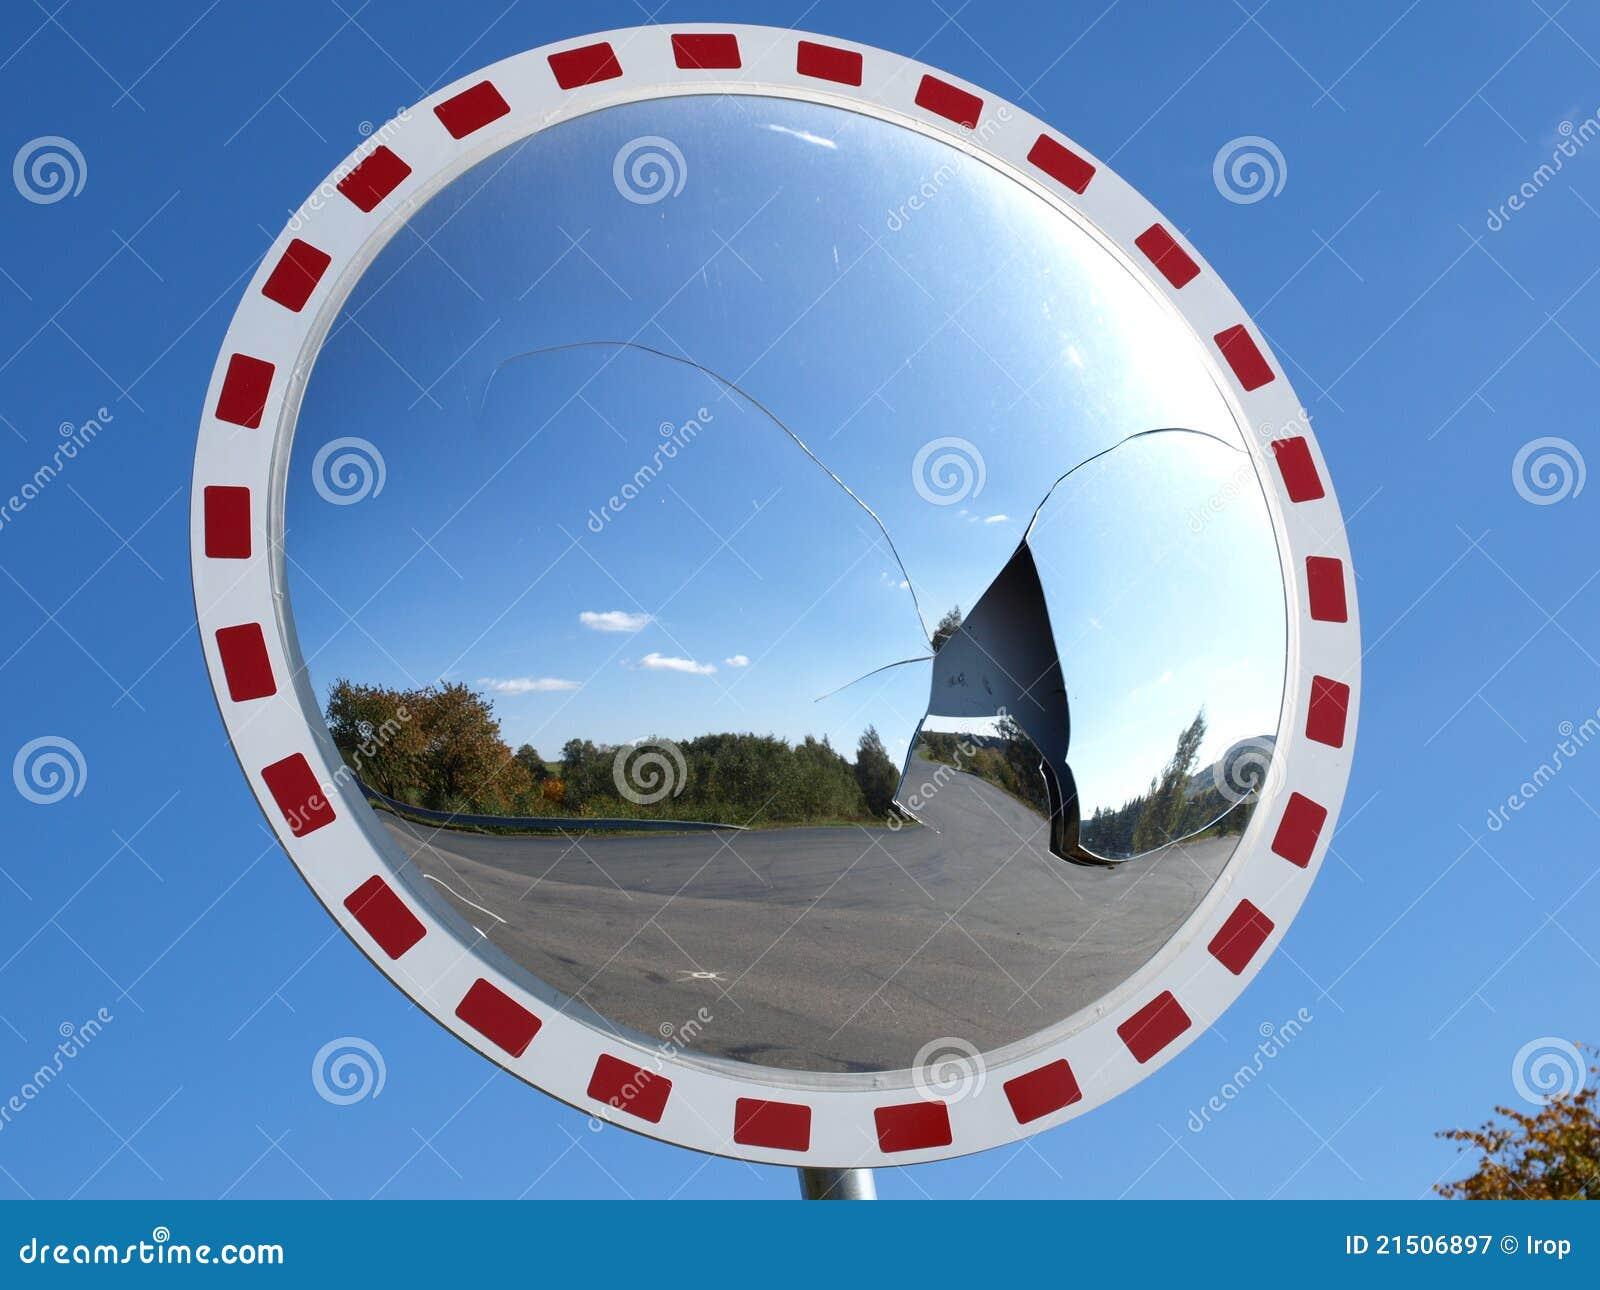 Espejo convexo roto fotograf a de archivo libre de for Espejo esferico convexo